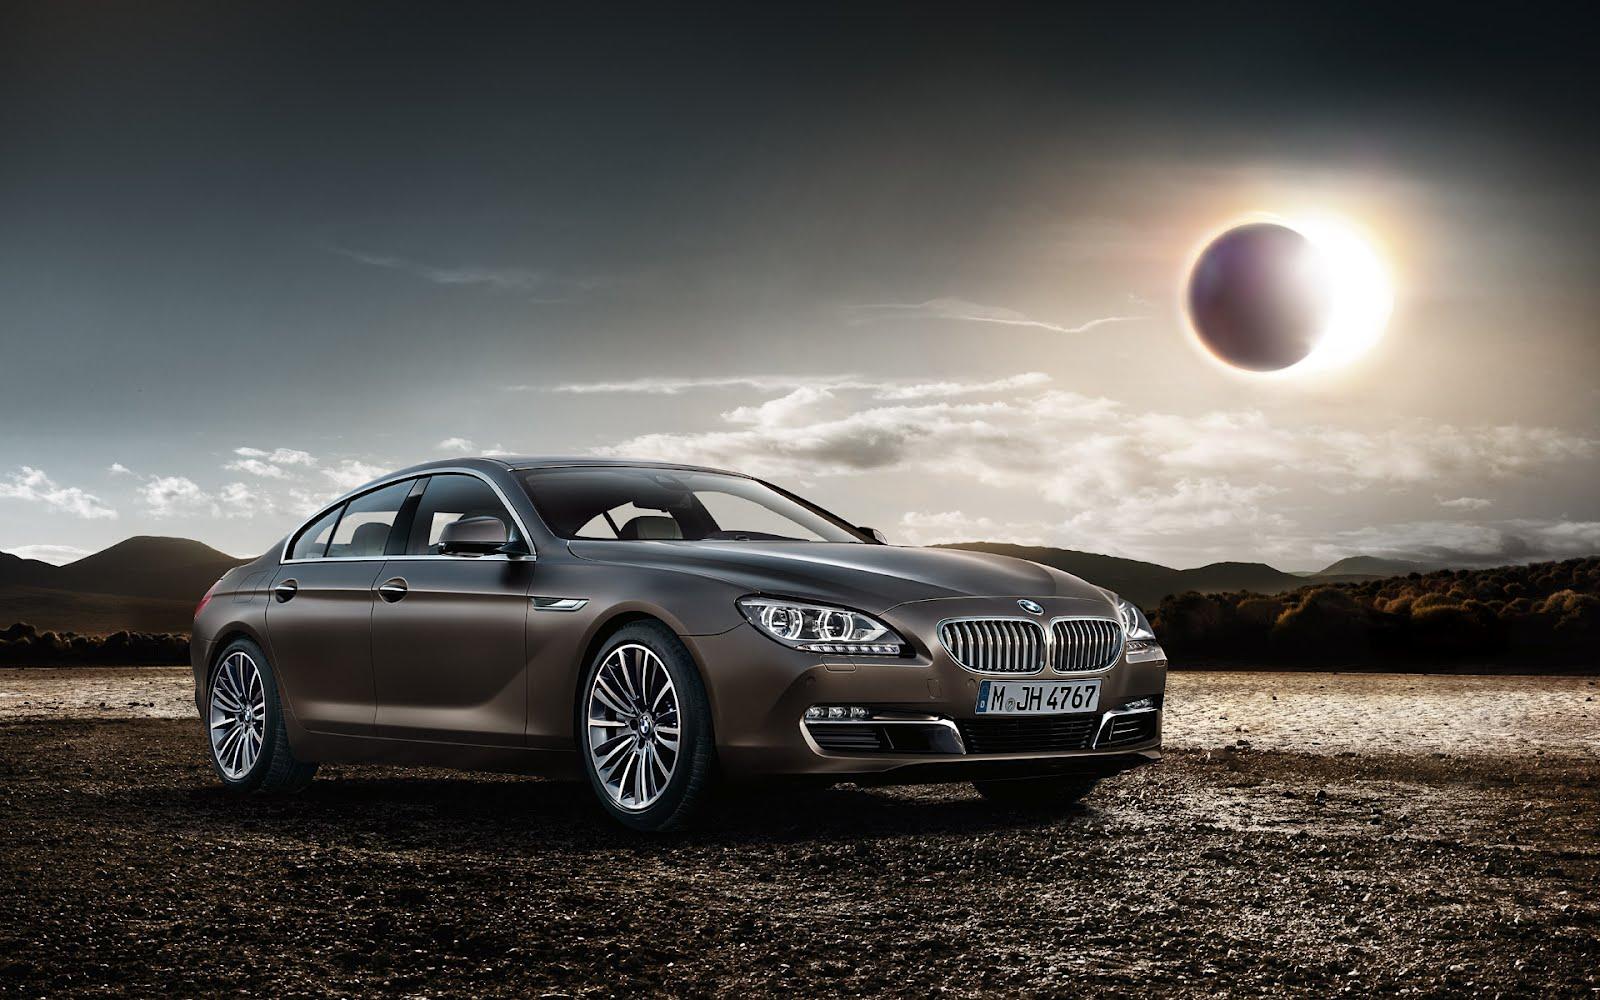 http://1.bp.blogspot.com/-OpUGrBgFCew/T9y1dskkSyI/AAAAAAAAA8I/nRUbCKbSVz0/s1600/BMW_6_Series_Gran_Coupe_Wallpaper_01_1920x1200.jpg